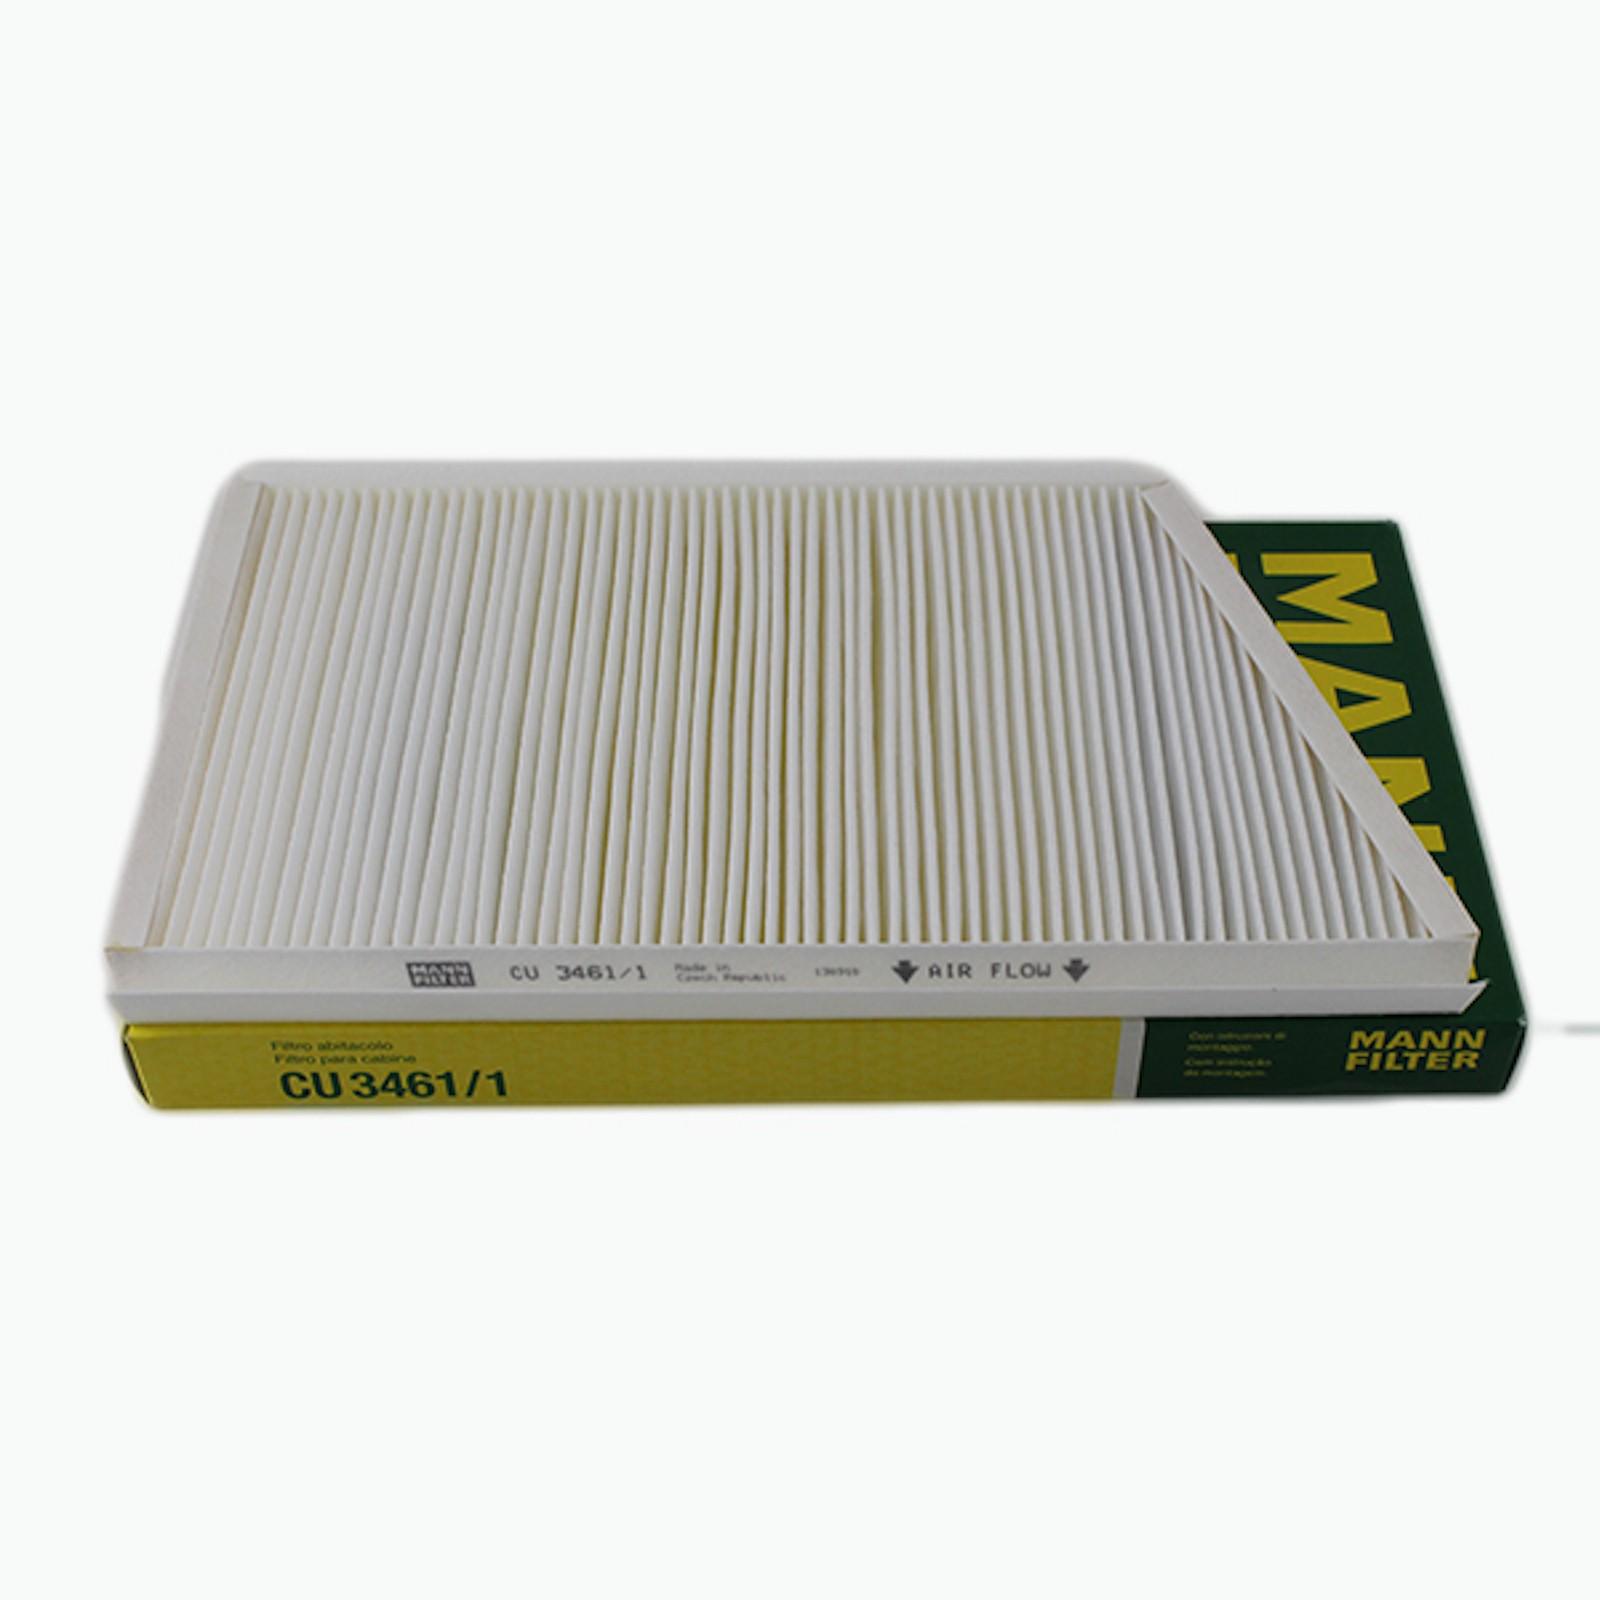 Pack of 2 CU 3461 Mann Cabin Filter W203 W209 CU3461